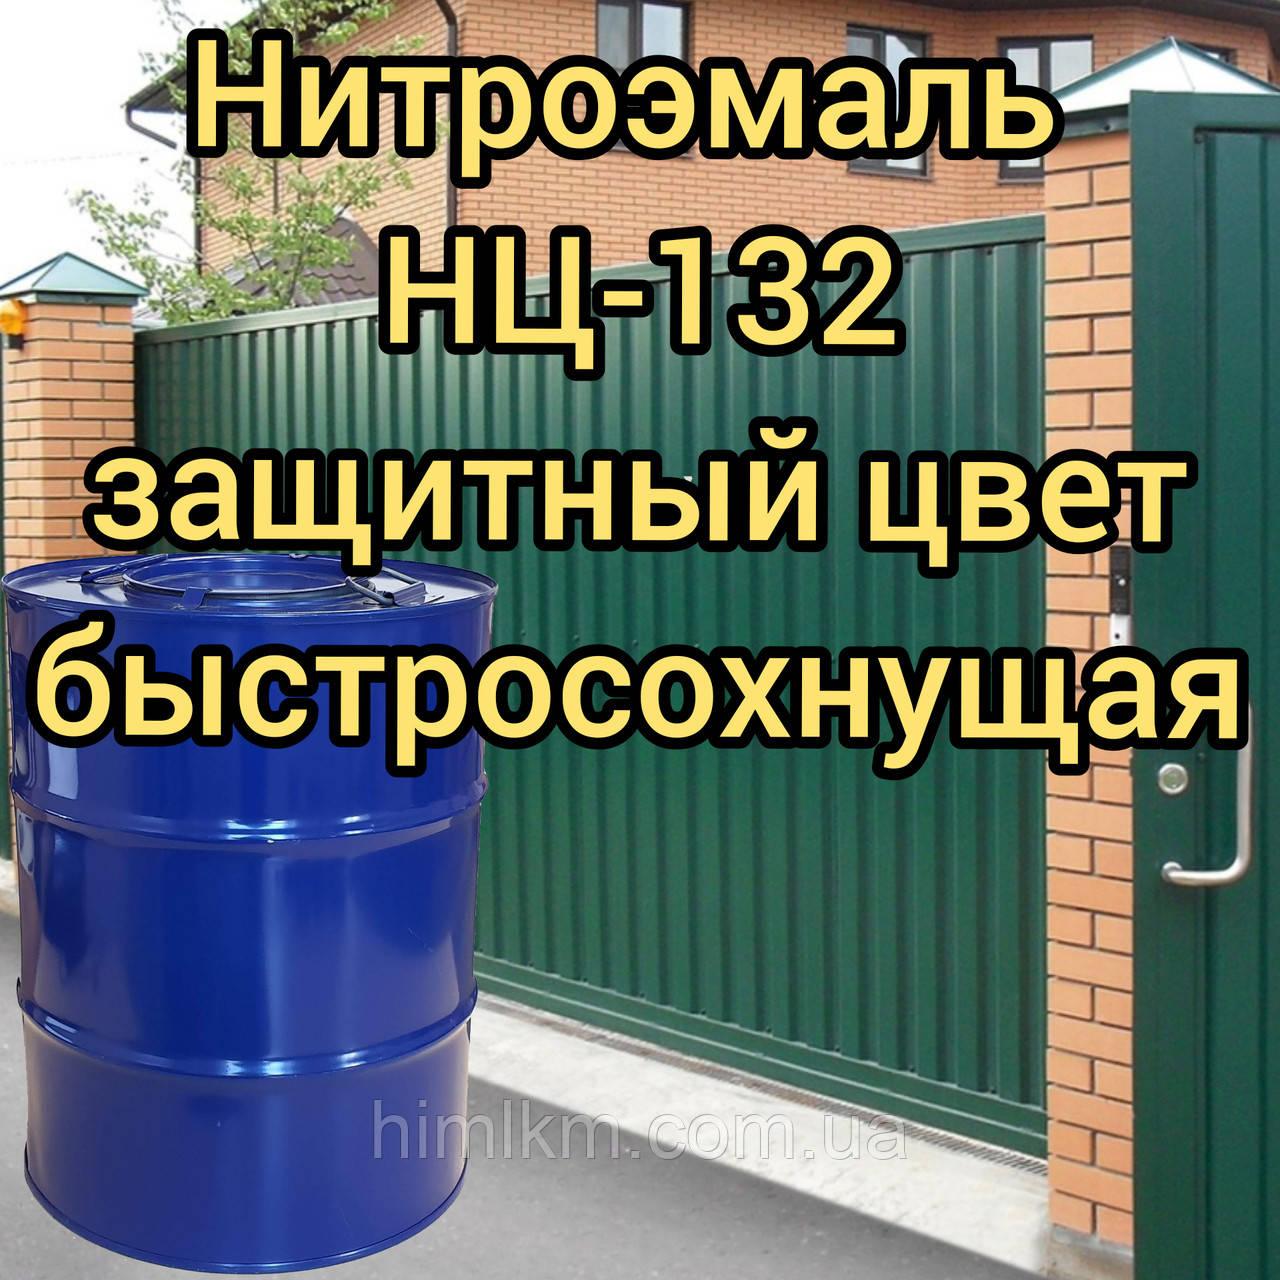 Краска НЦ-132 защитная хаки нитроэмаль быстросохнущая, 45кг